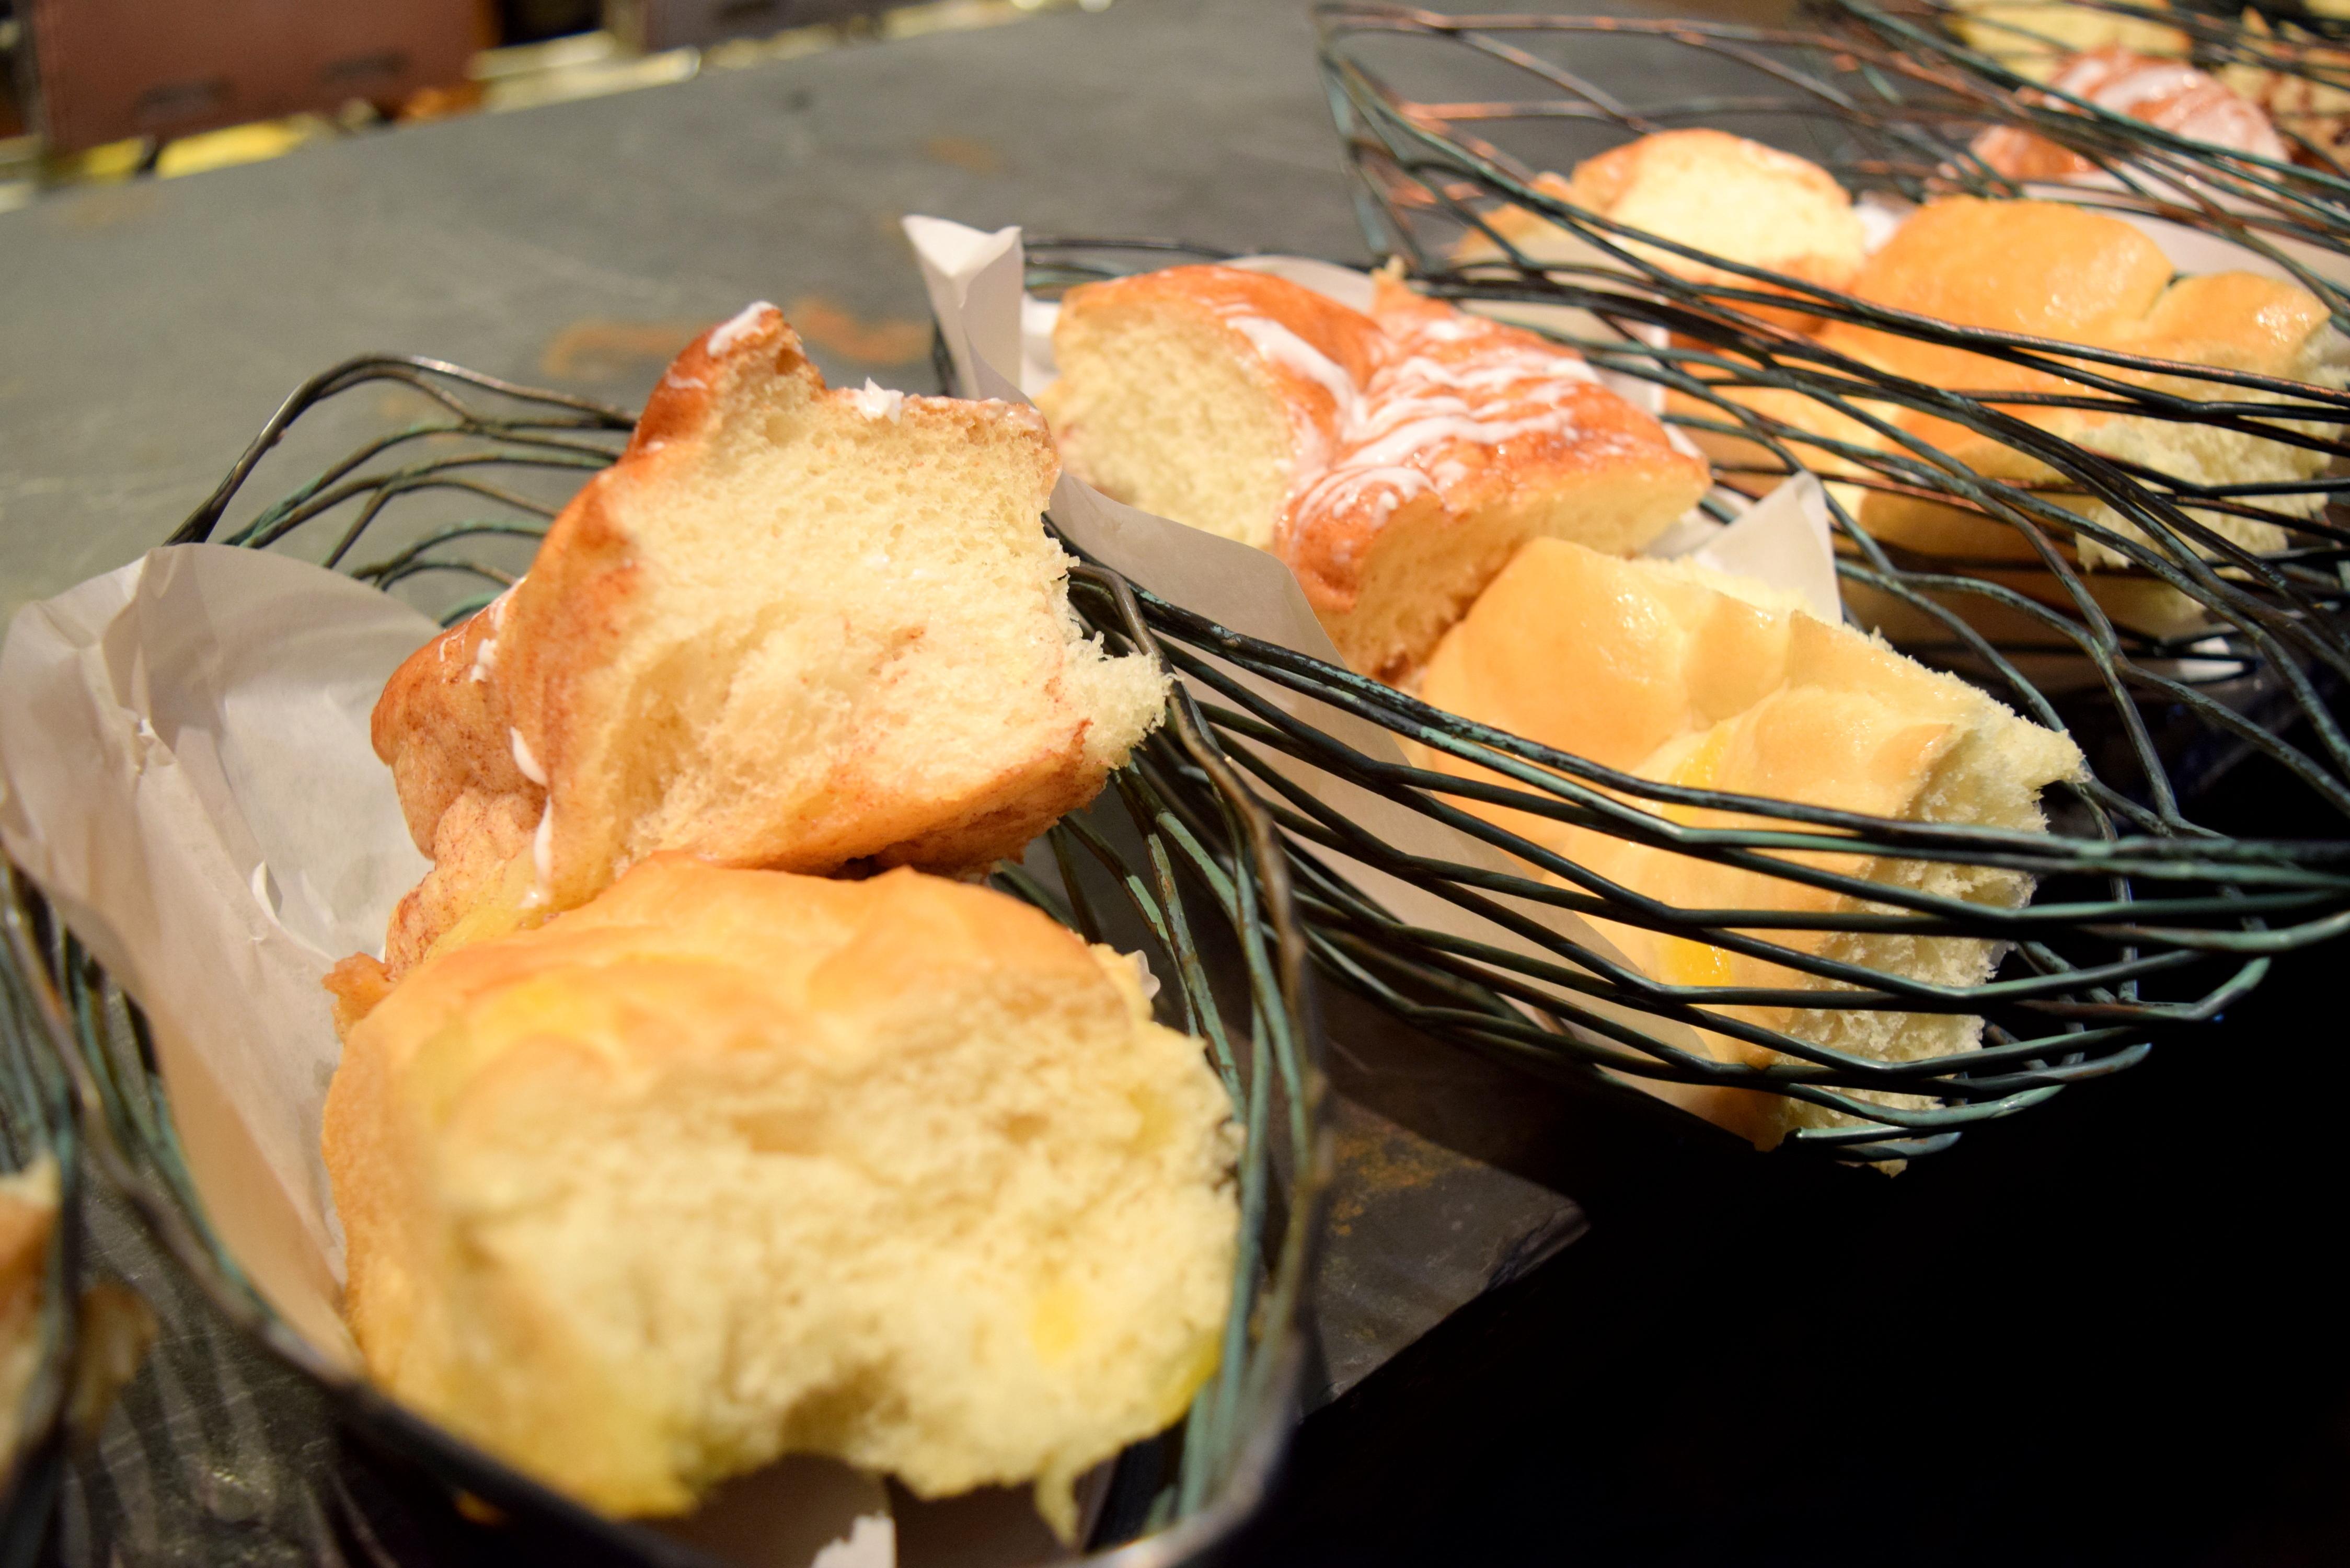 Pães doces deliciosos - sem dúvida, foi o item mais gostoso do café da manhã.